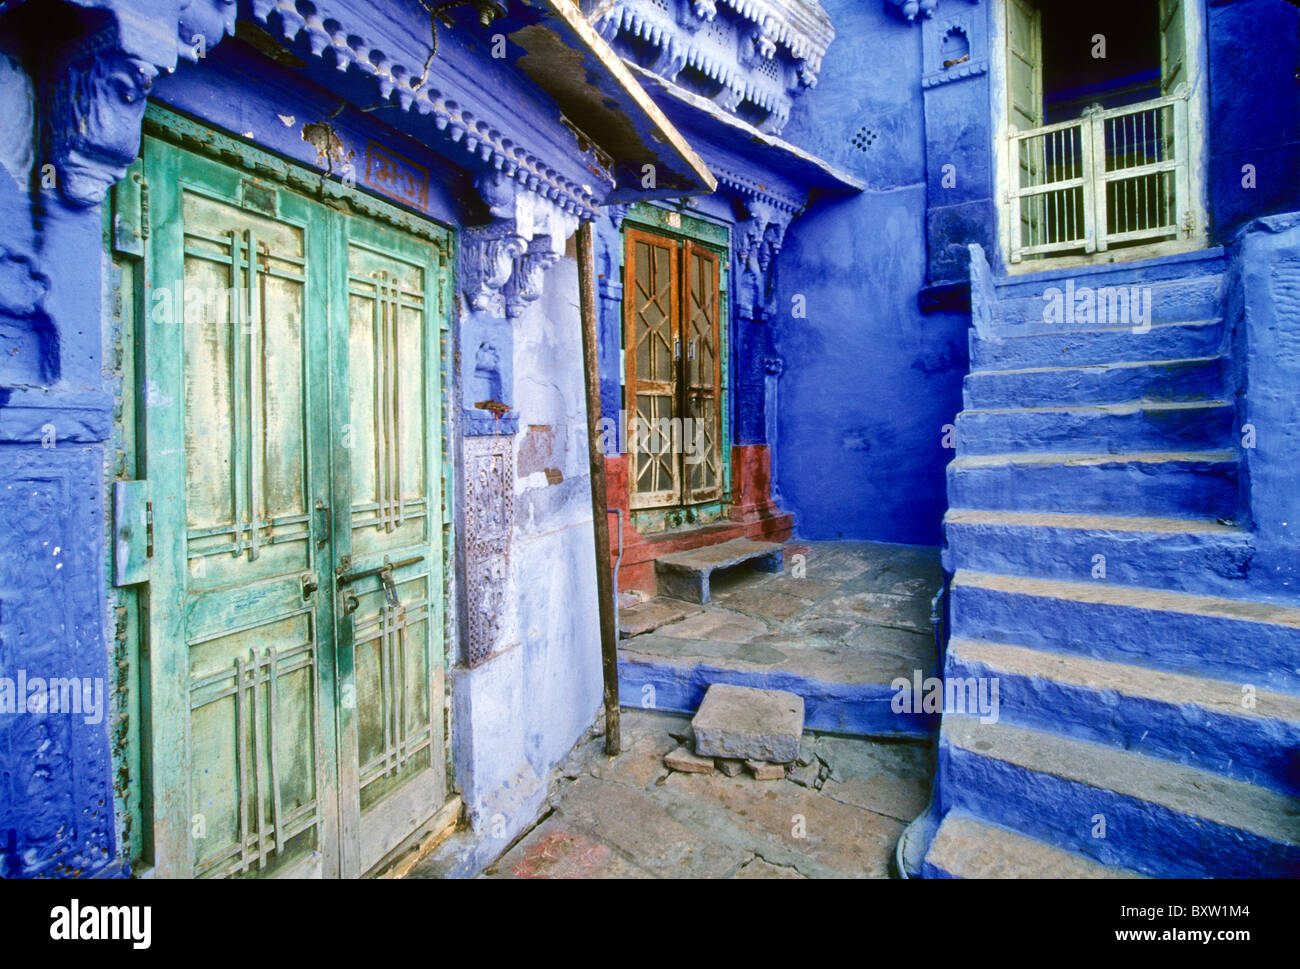 Blaue Häuser häuser in die blaue stadt jodhpur rajasthan indien stockfoto bild